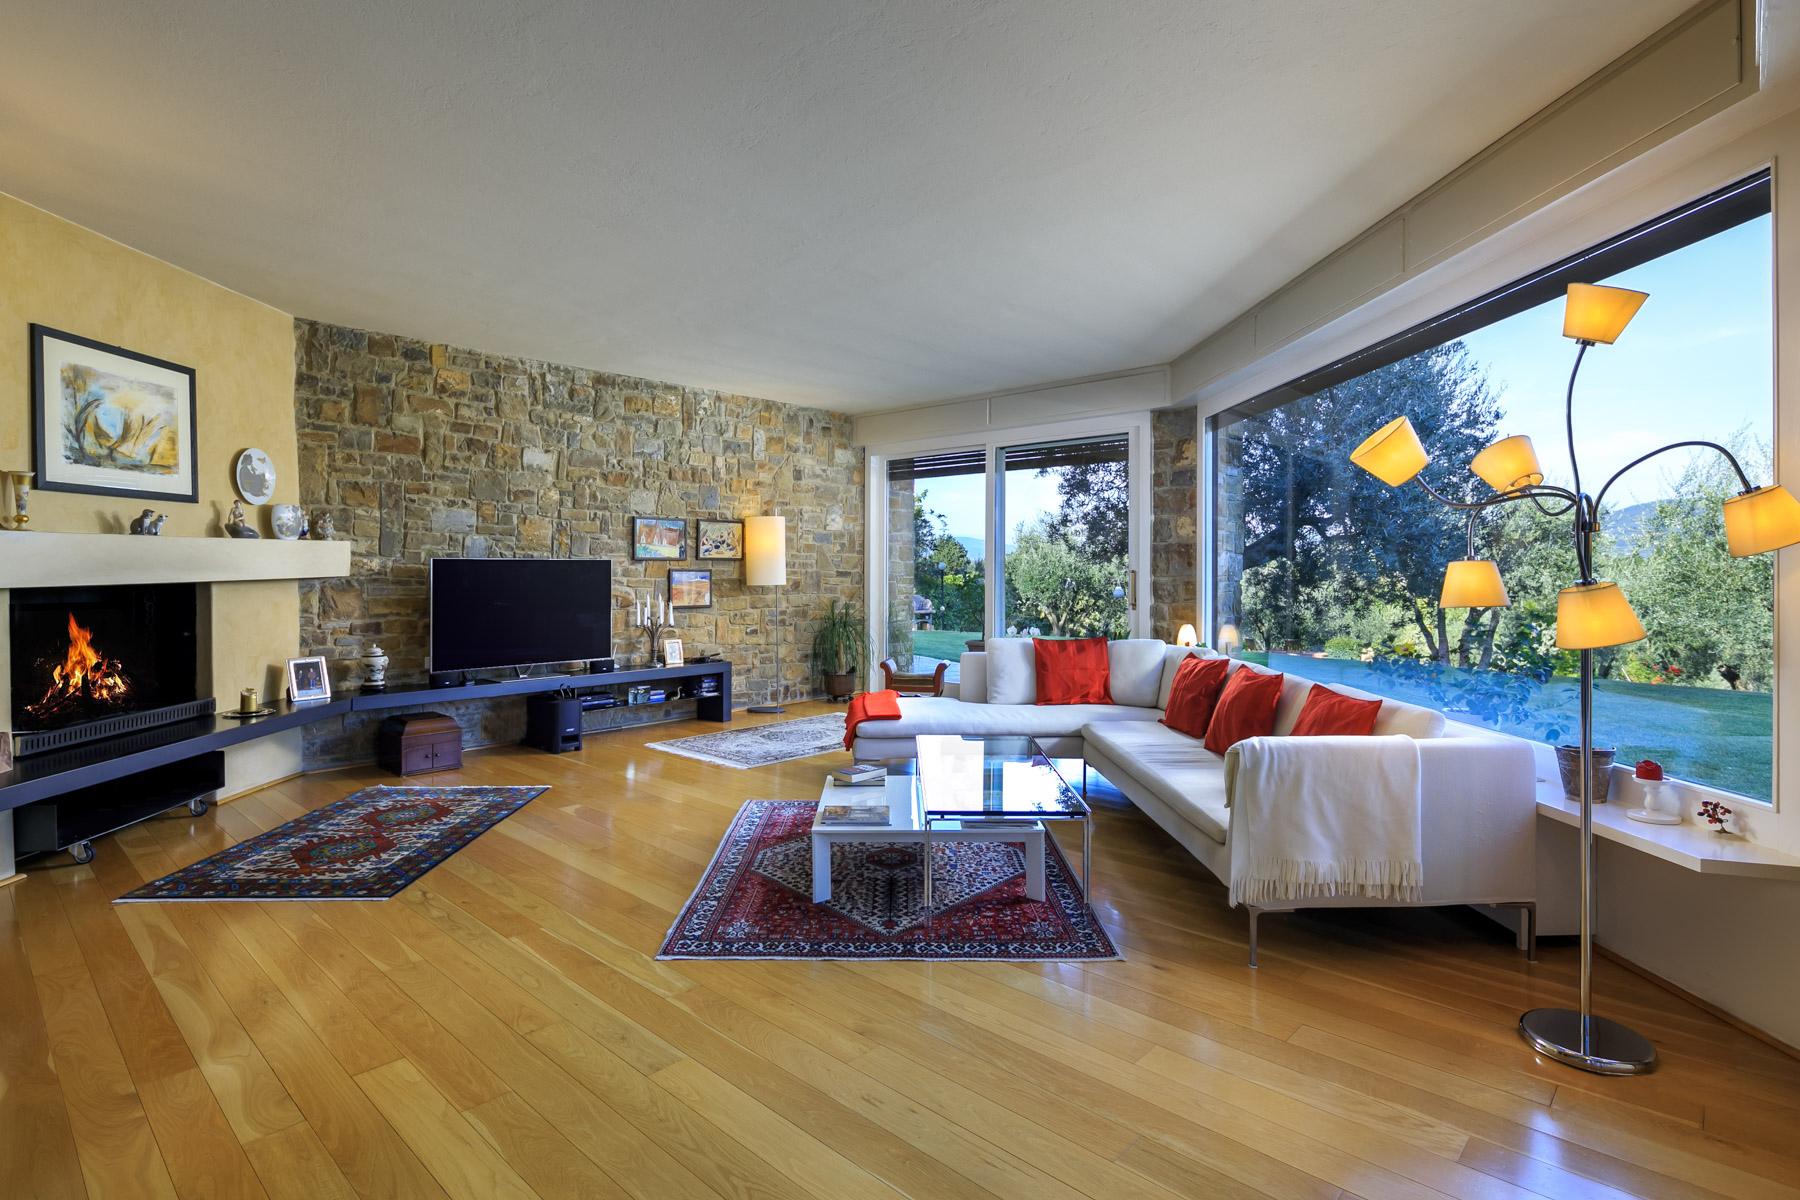 Casa indipendente in Vendita a Impruneta: 5 locali, 300 mq - Foto 4